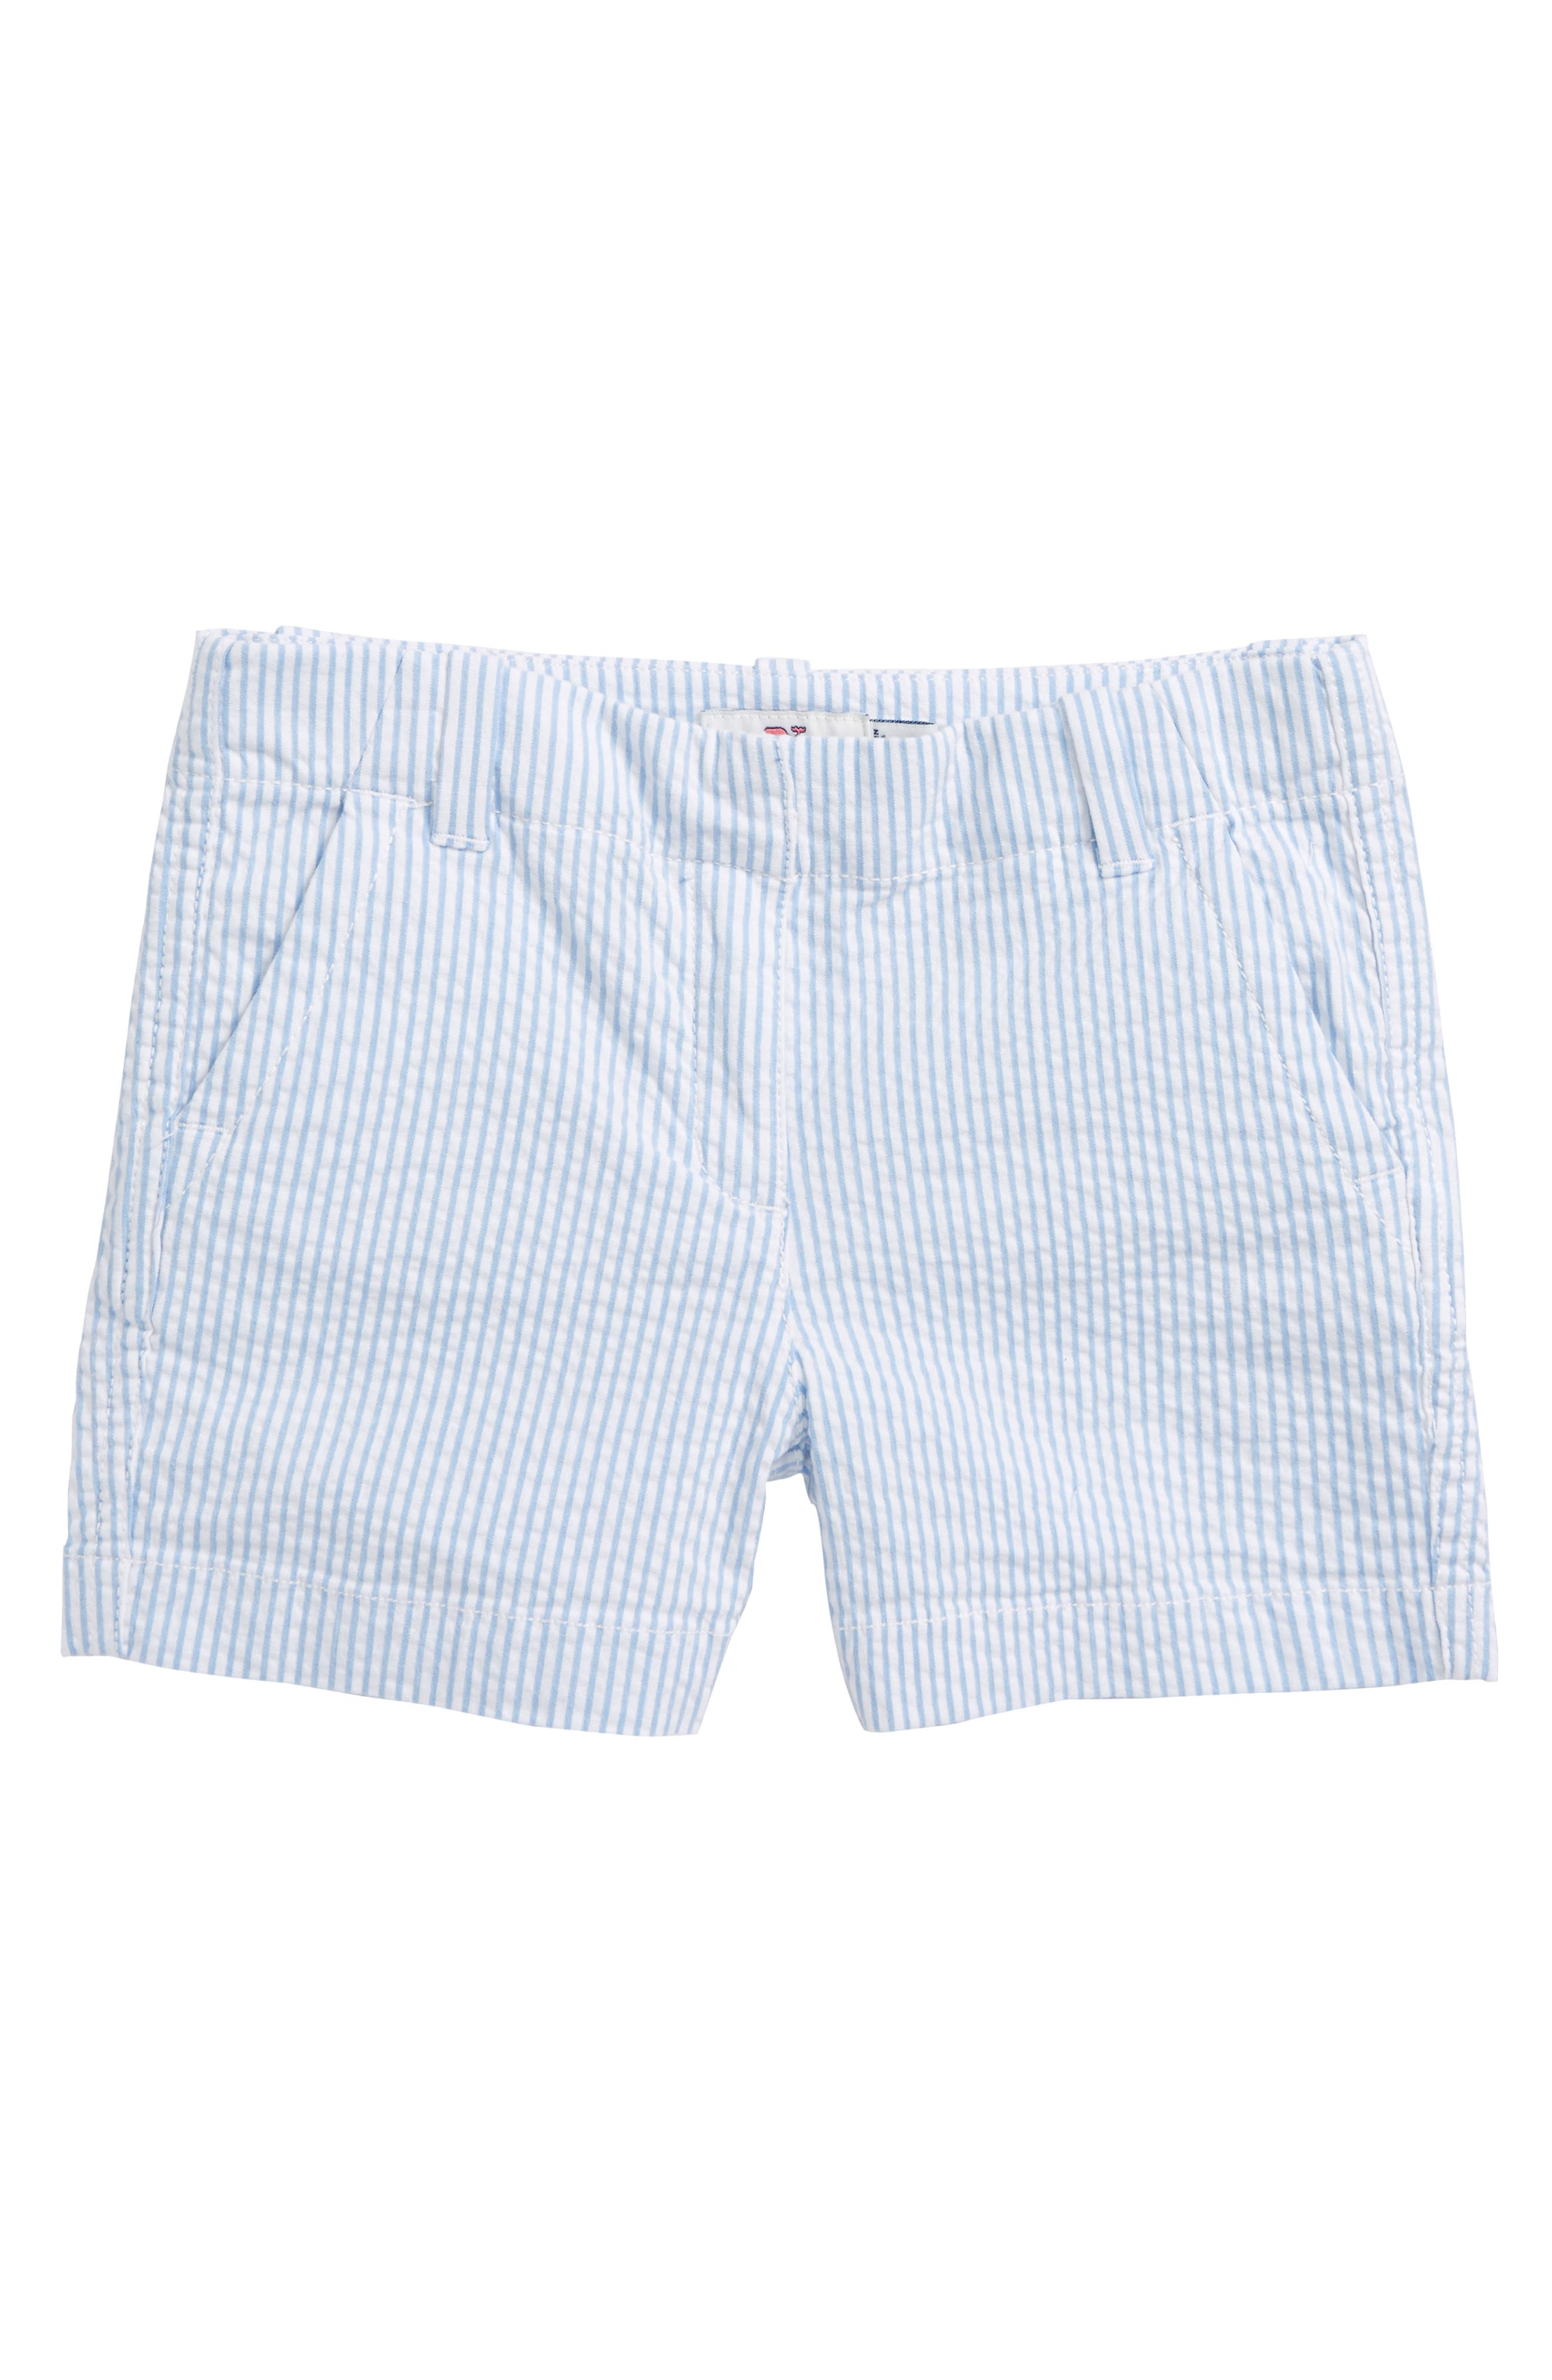 Seersucker Everyday Shorts,                             Main thumbnail 1, color,                             Ocean Breeze